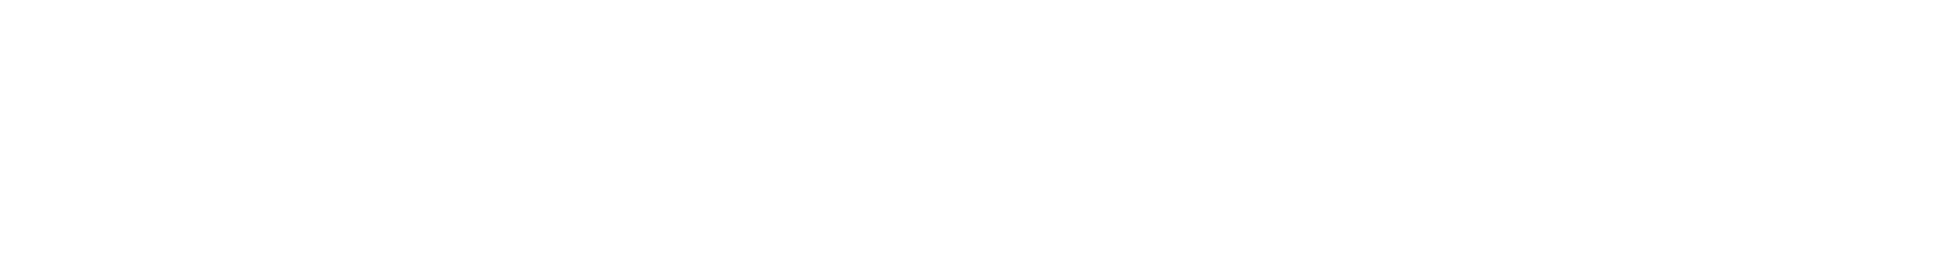 Weldgen